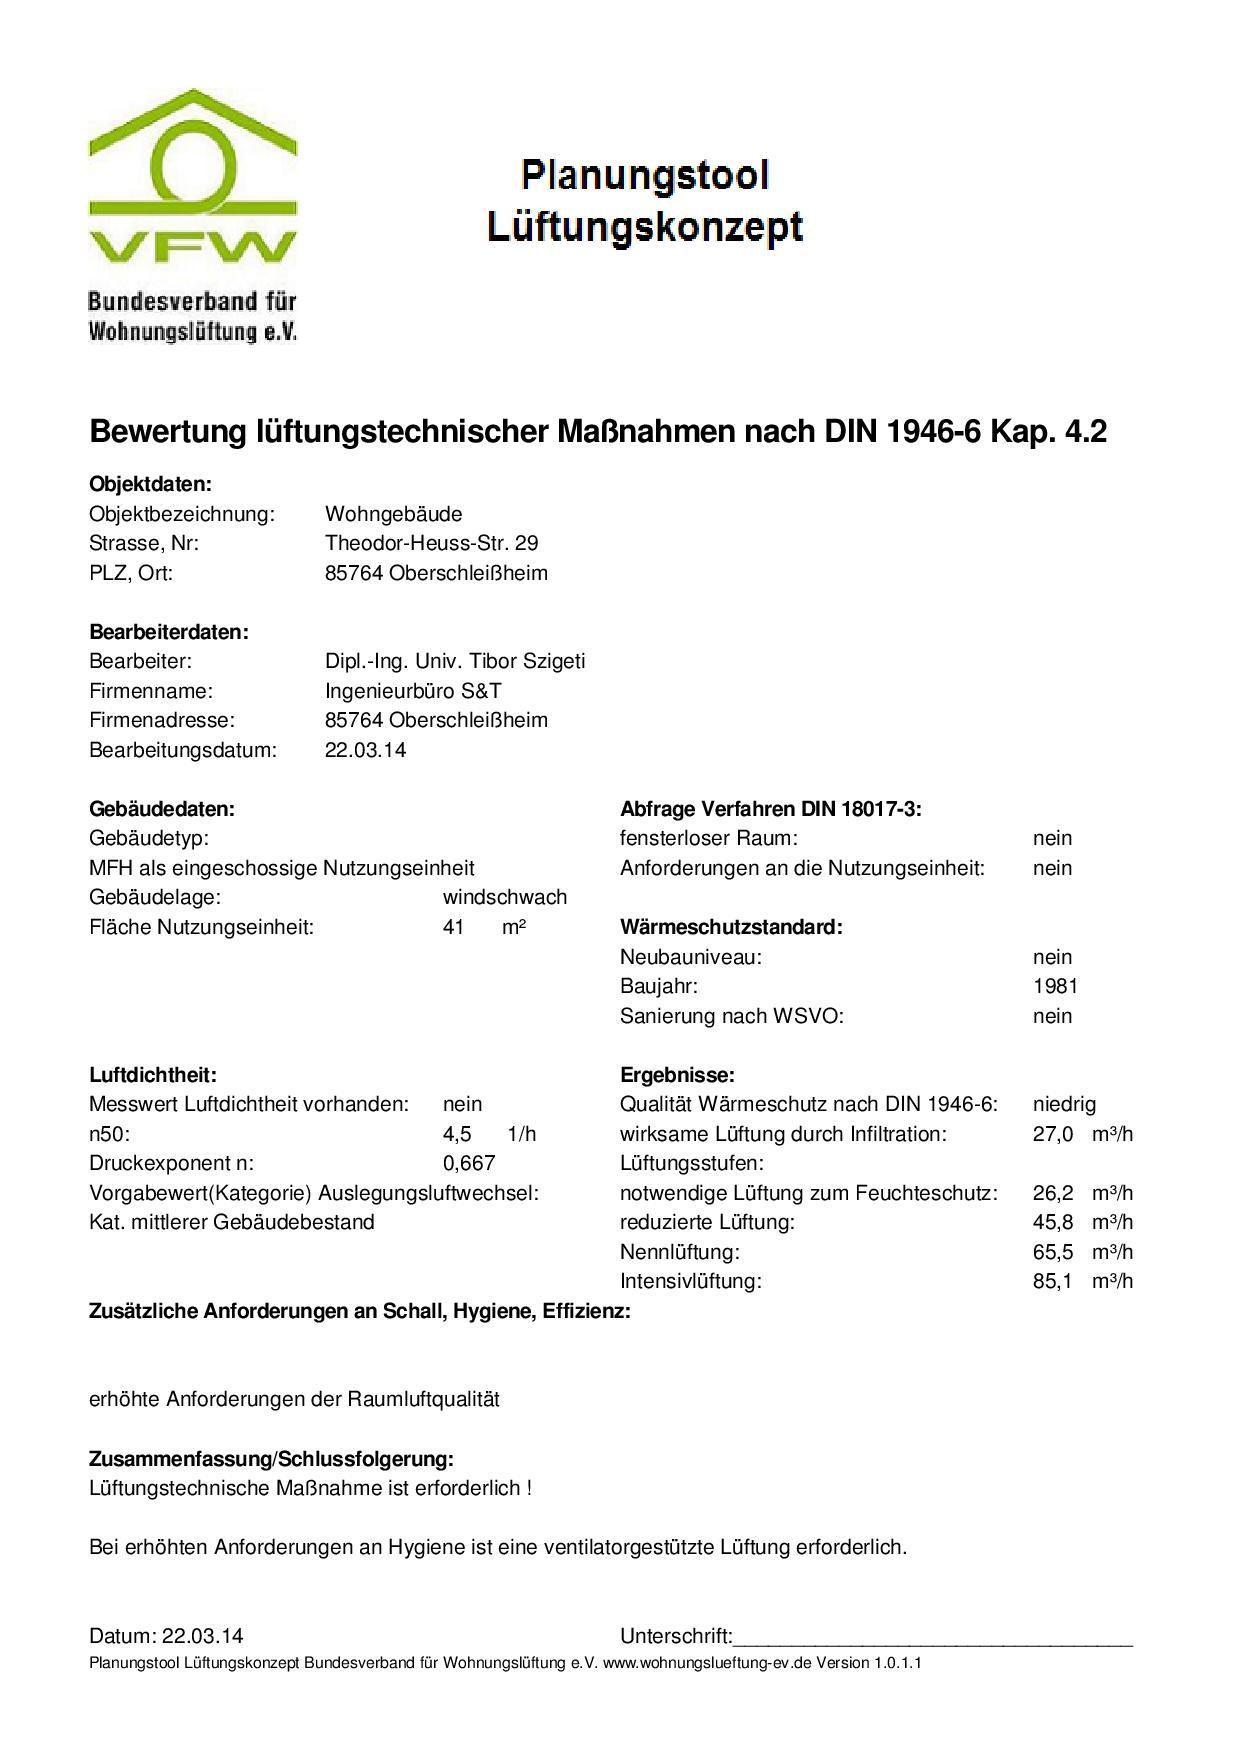 Lüftungskonzept für Wohngebäude nach DIN 1946-6